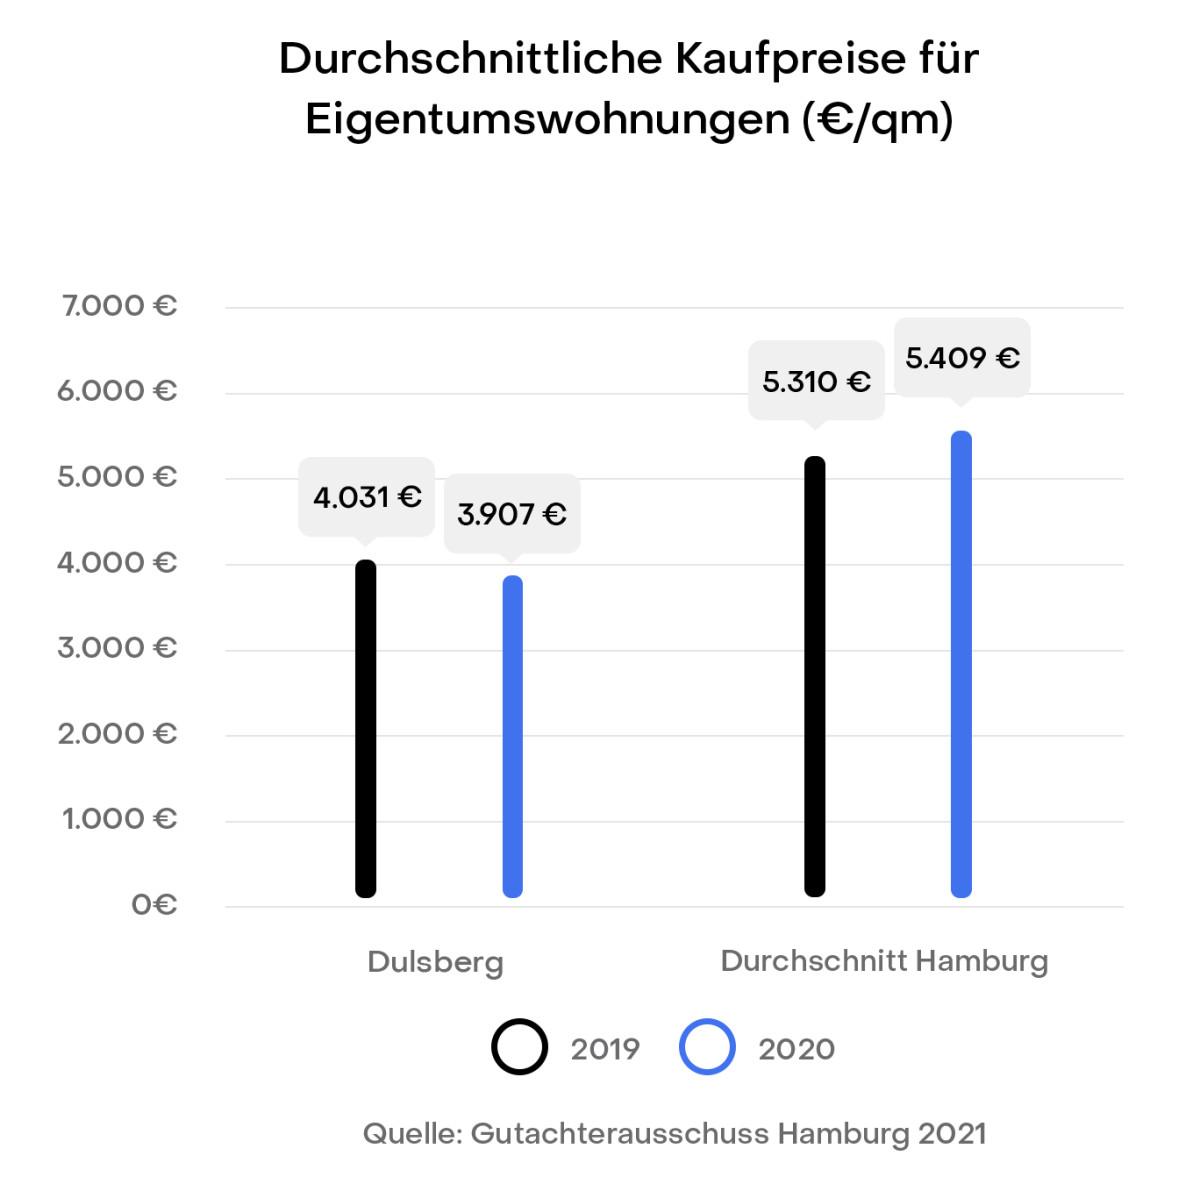 Hamburg Dulsberg Preisentwicklung Immobilien Kaufpreise Gutachterausschuss